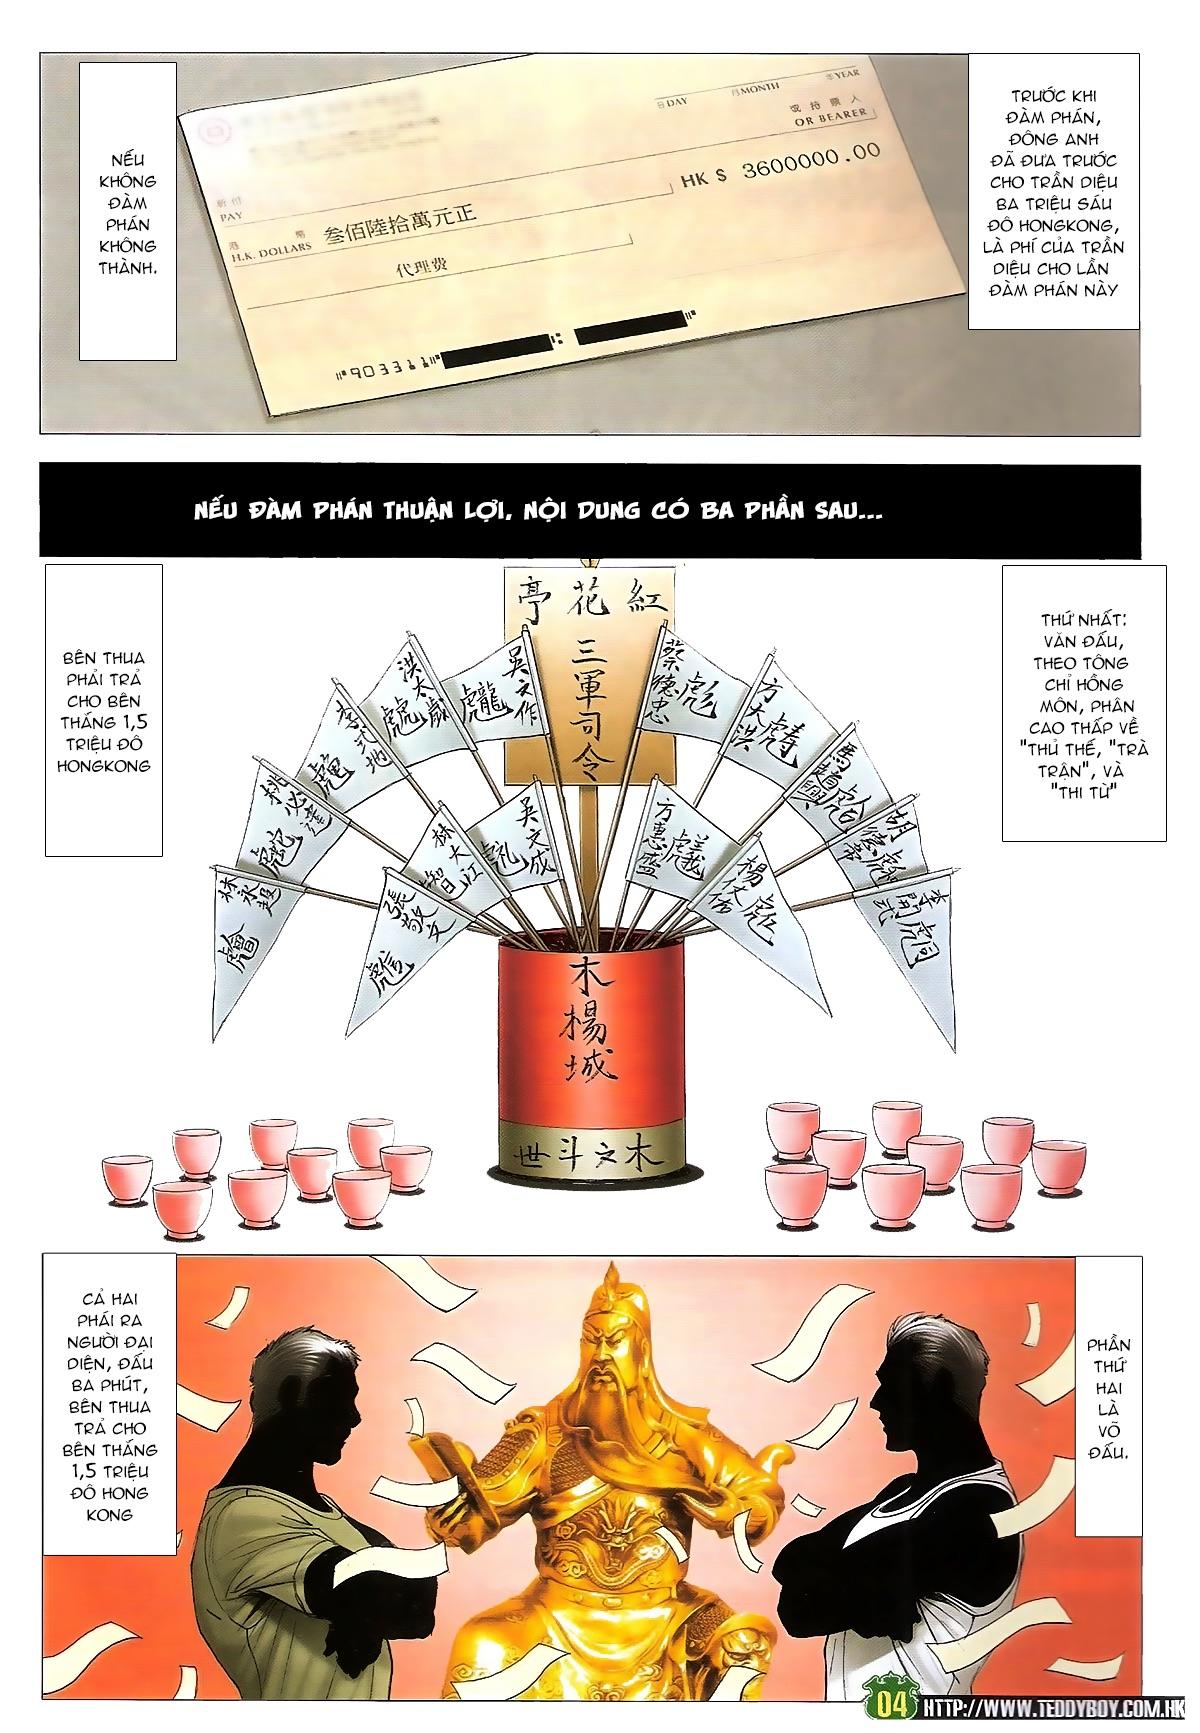 Người Trong Giang Hồ - Ngũ Hổ qui thiên - Chapter 1714: Trần Diệu vs Cổ Hoặc Luân - Pic 3